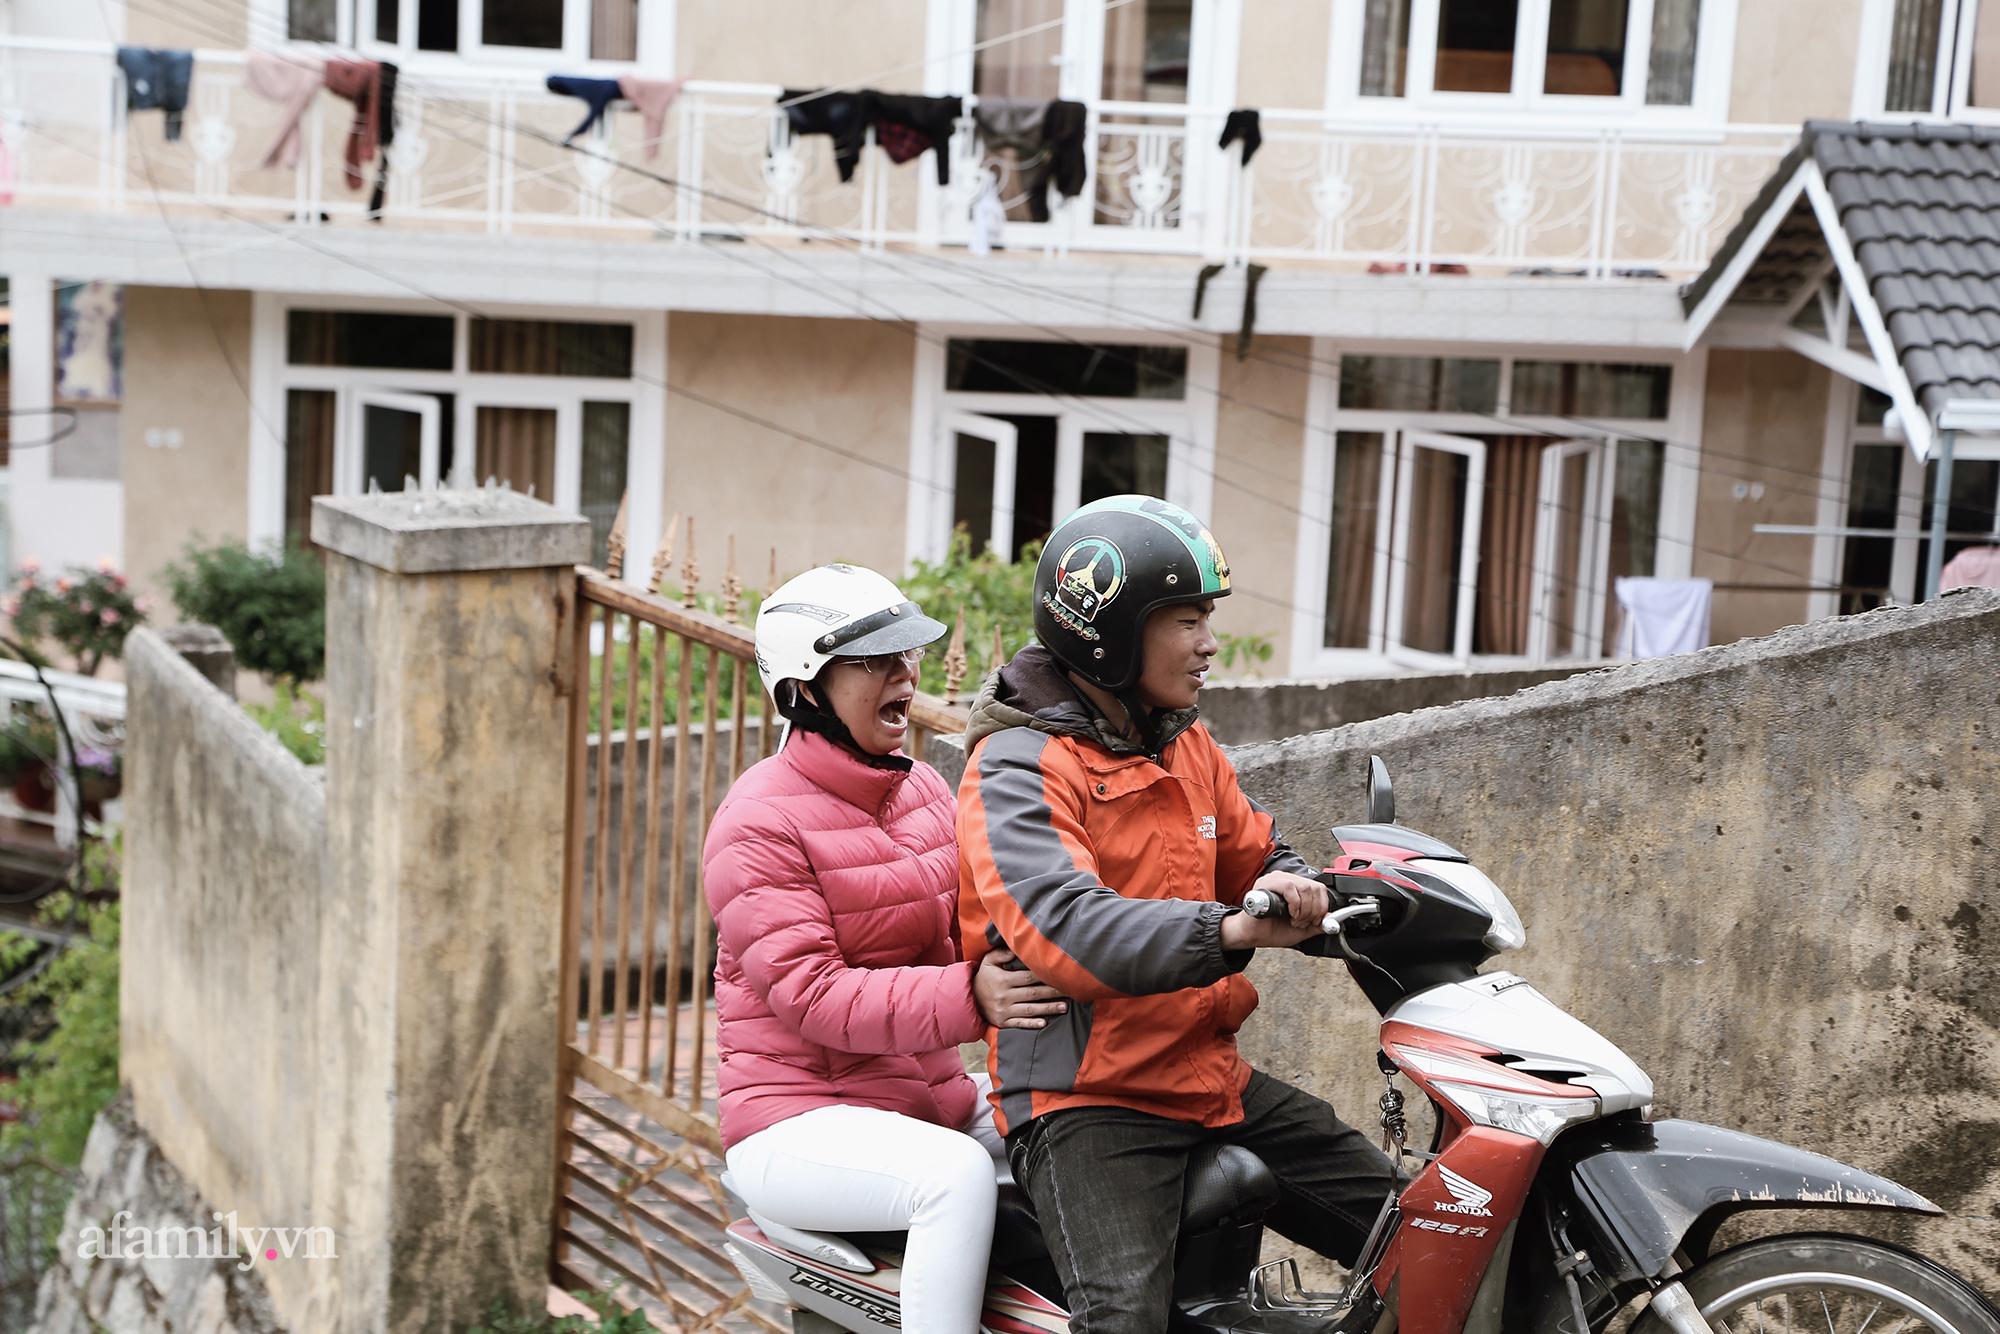 """Trải nghiệm thực tế với 1001 cảm xúc tại con dốc nổi tiếng nguy hiểm nhất tại Đà Lạt, té sấp mặt, """"la làng"""" vì sợ là hoàn toàn có thật! - Ảnh 10."""